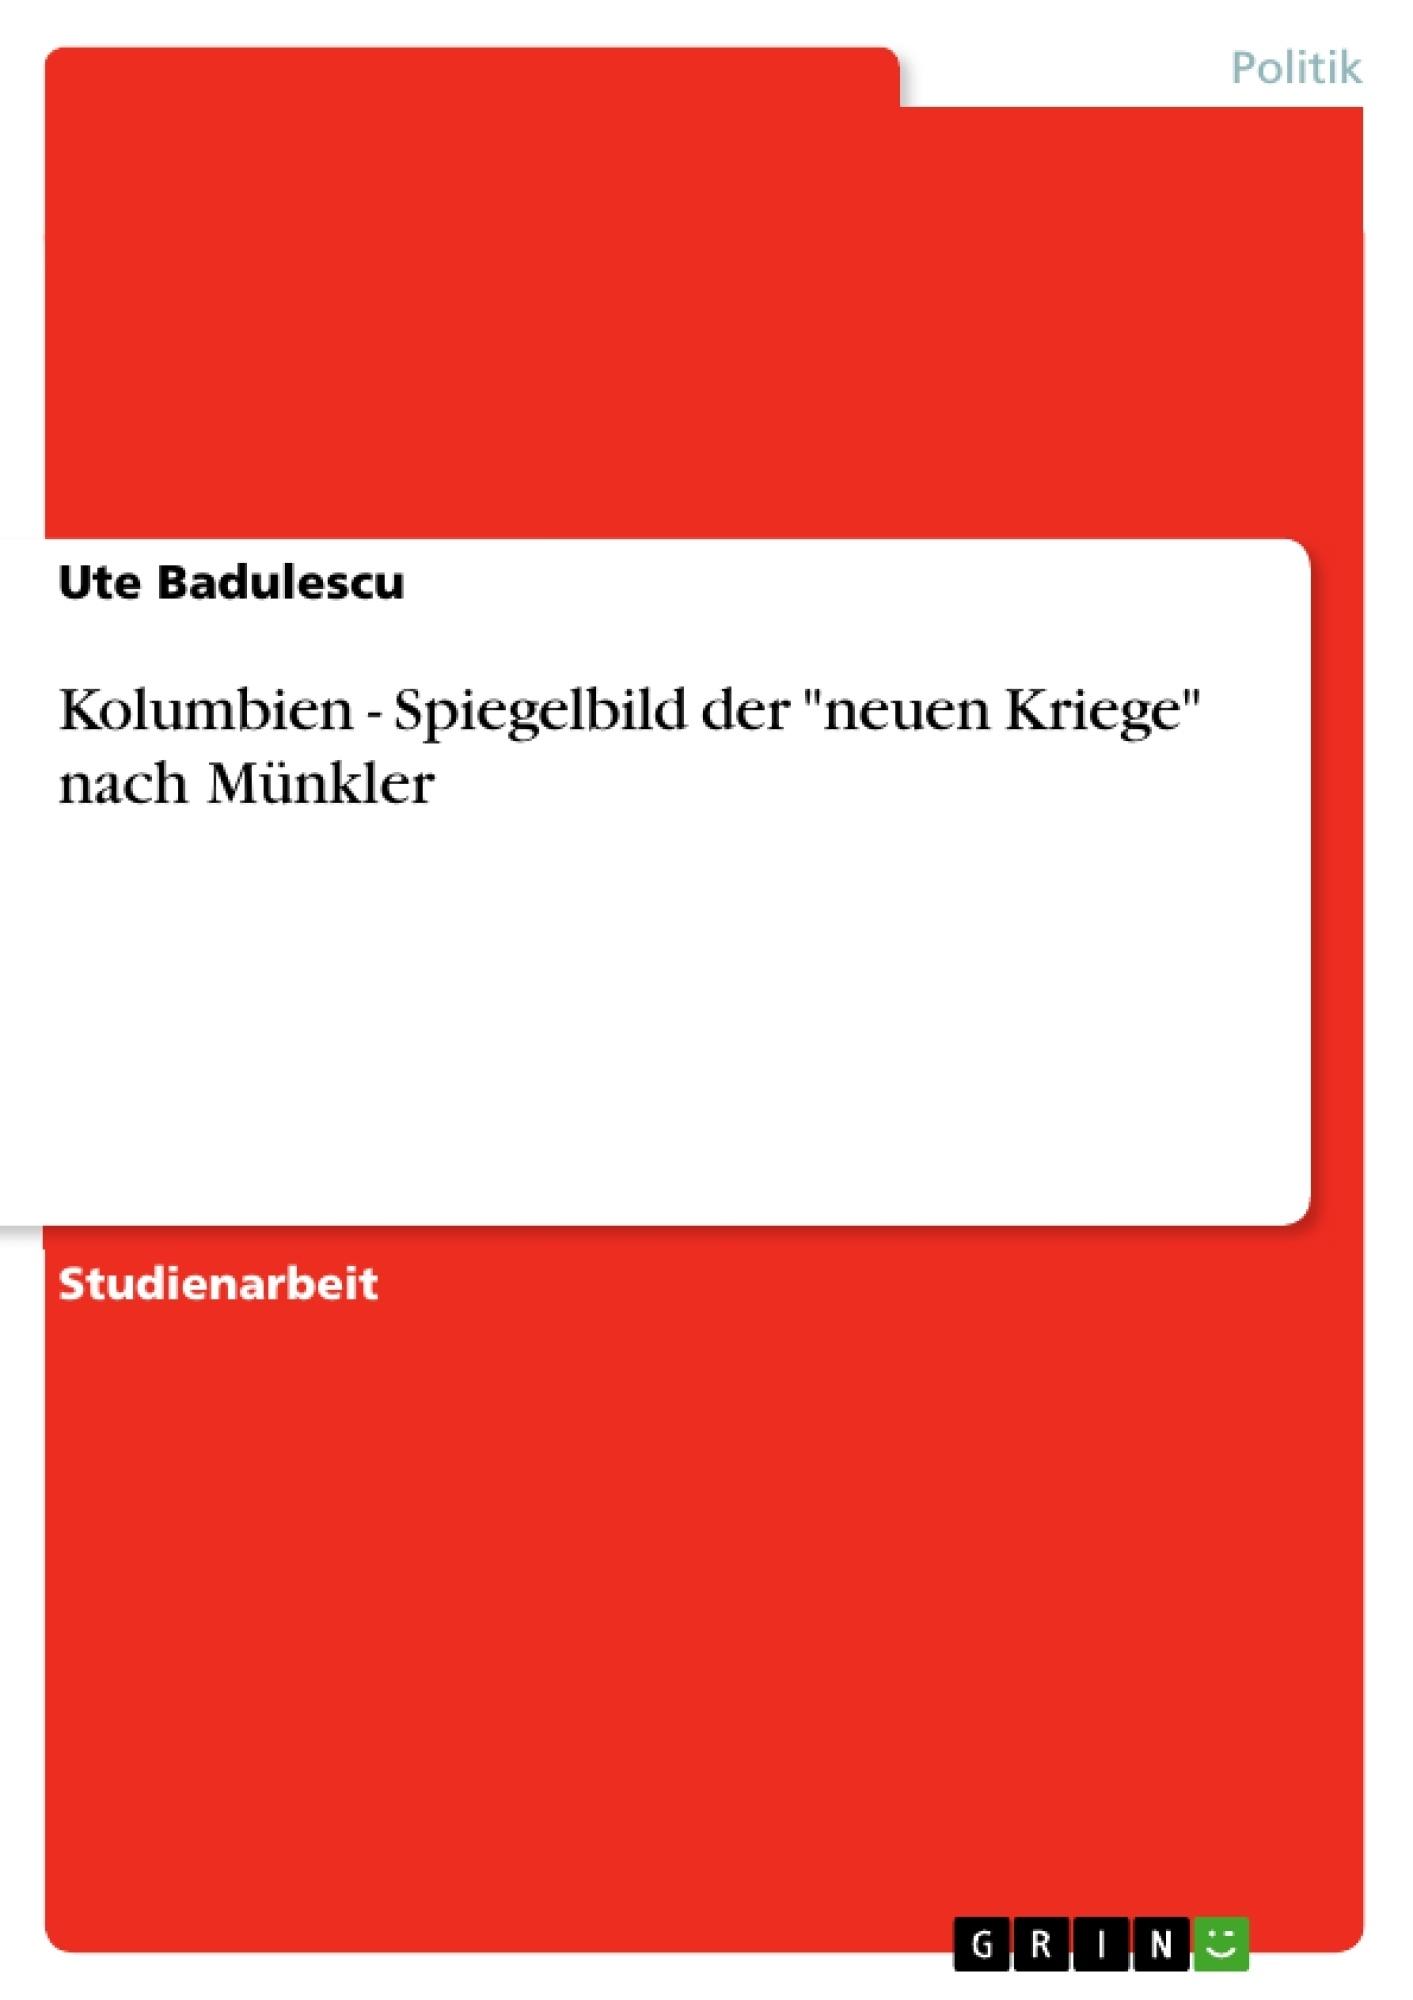 """Titel: Kolumbien - Spiegelbild der """"neuen Kriege"""" nach Münkler"""